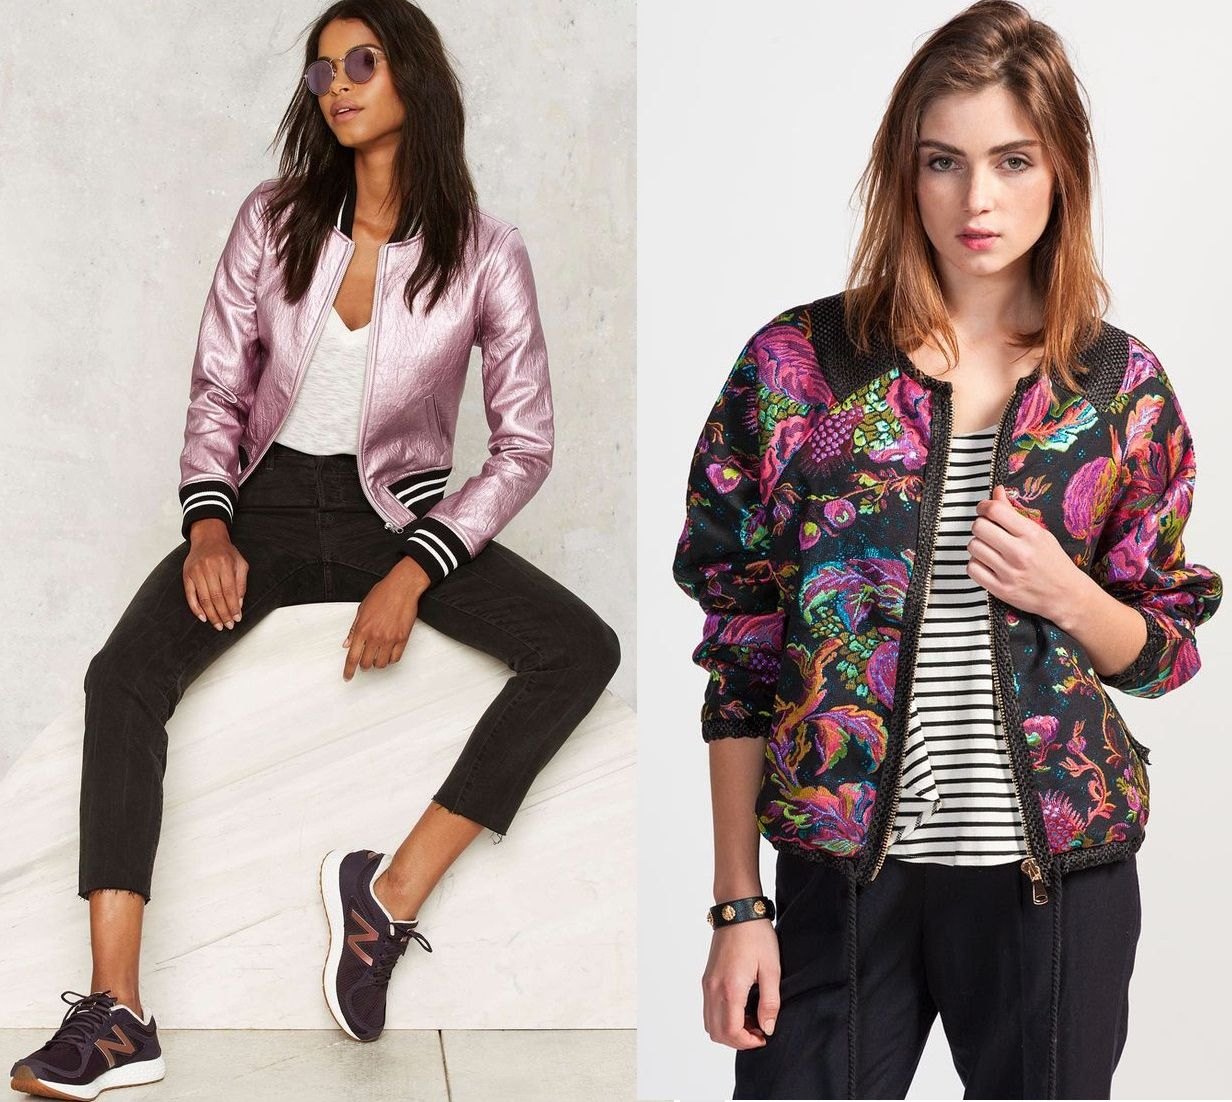 69bc058d4 Veja como usar jaqueta bomber feminina floral, estampada, animal print e  como criar looks